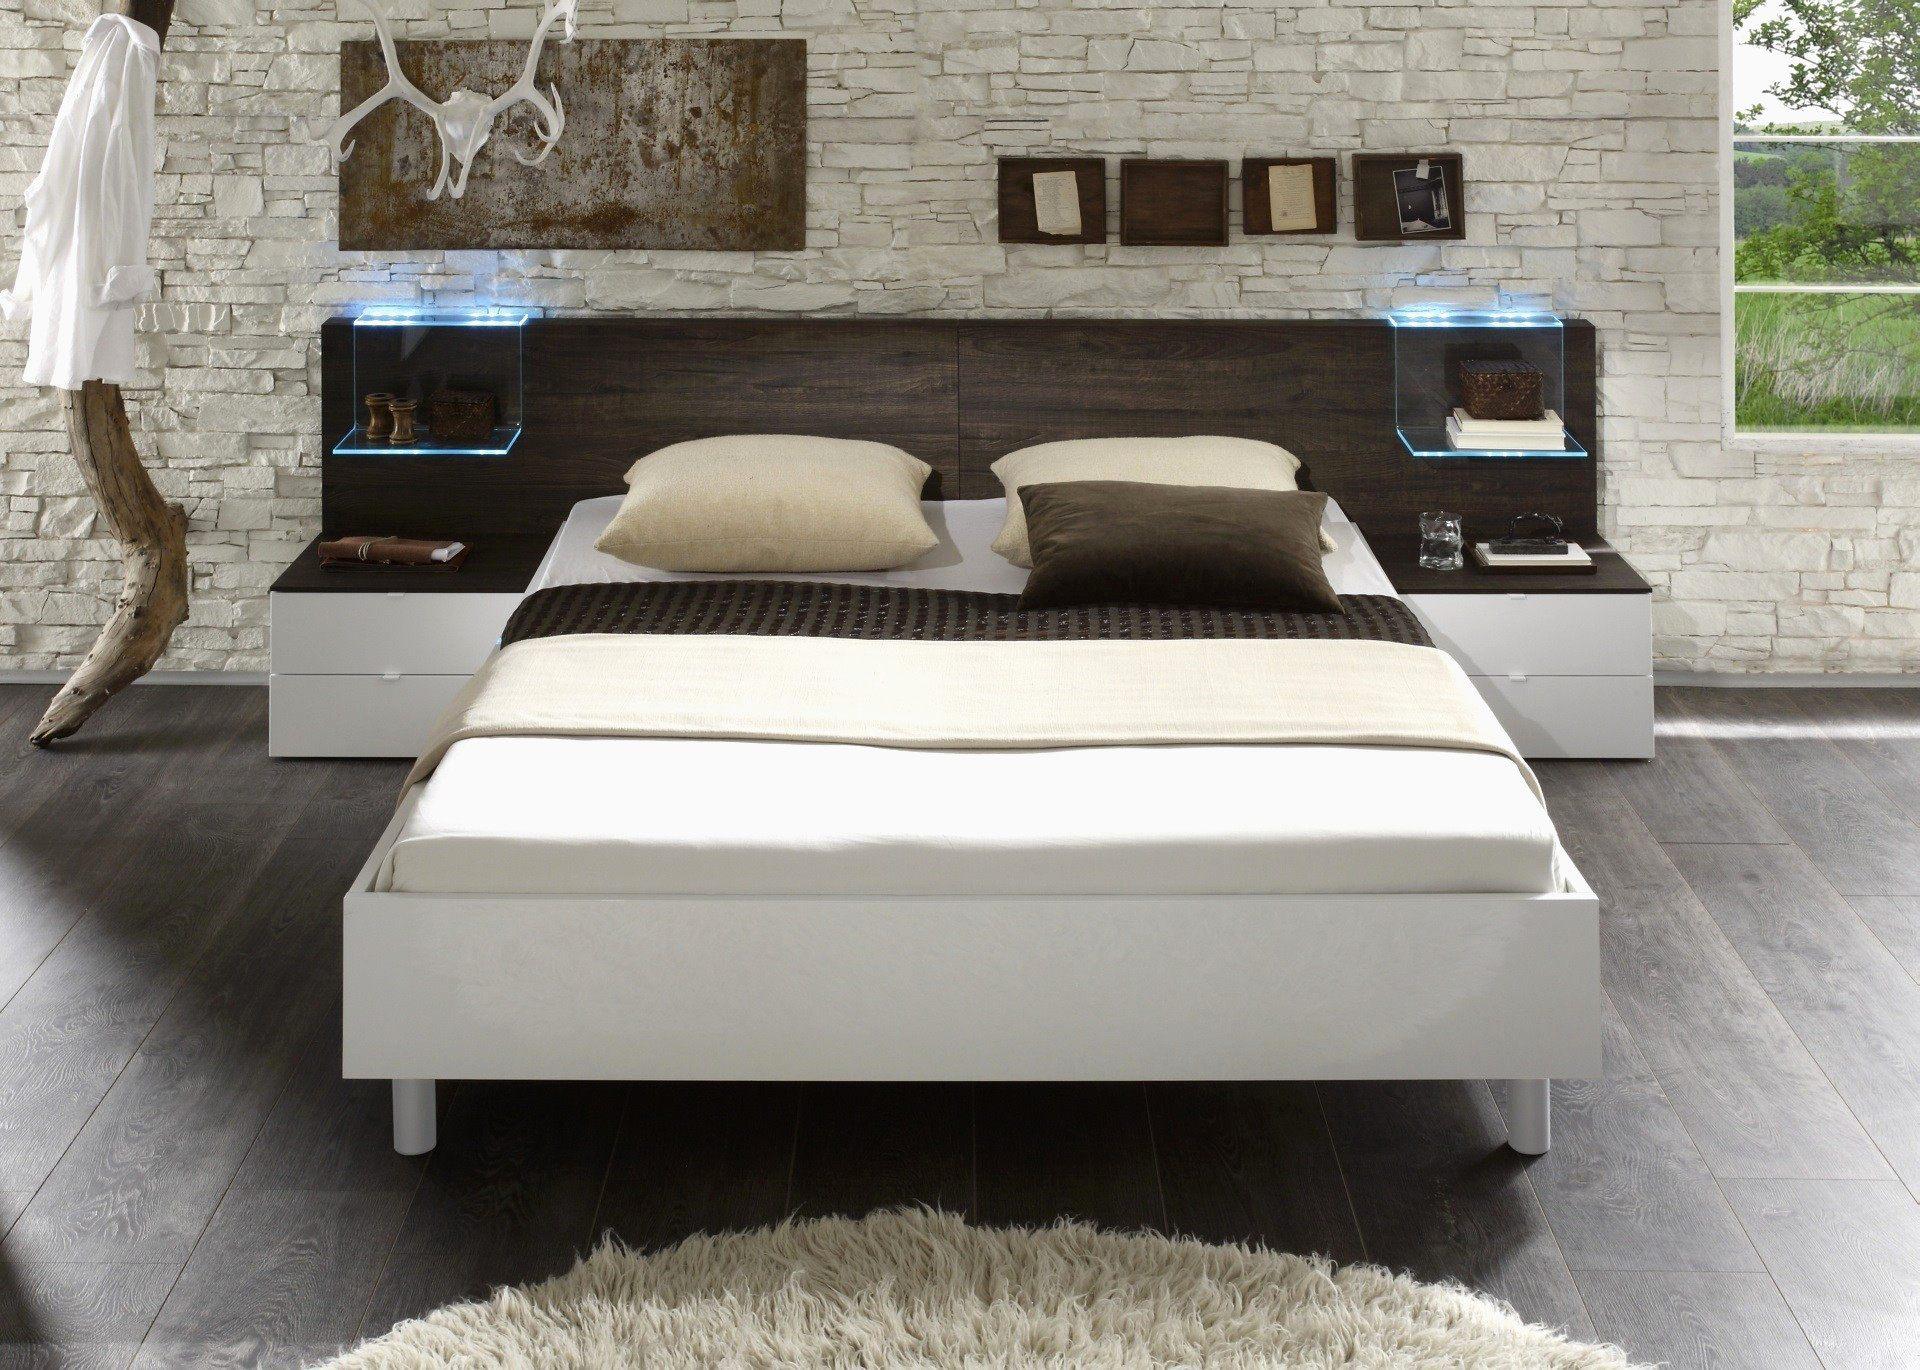 Lit Bois 160 De Luxe Tete De Lit 90 Cm Tete De Lit Ikea 180 Fauteuil Salon Ikea Fresh